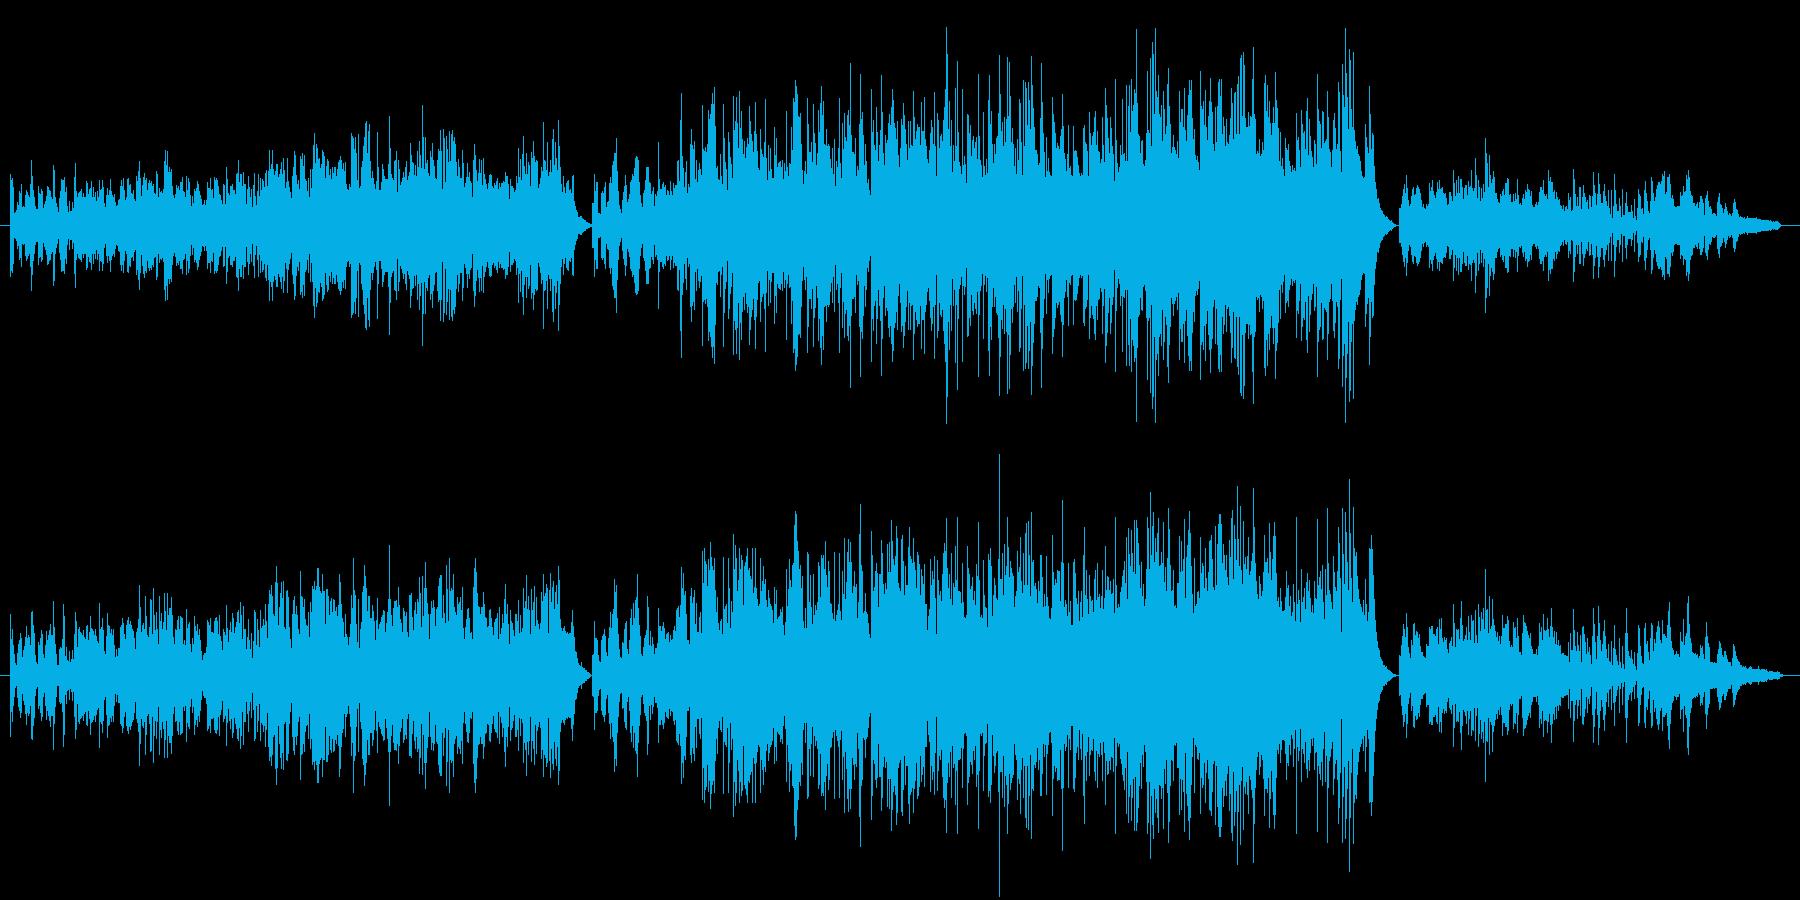 打ち込みピアノがメインのヒーリング音楽。の再生済みの波形